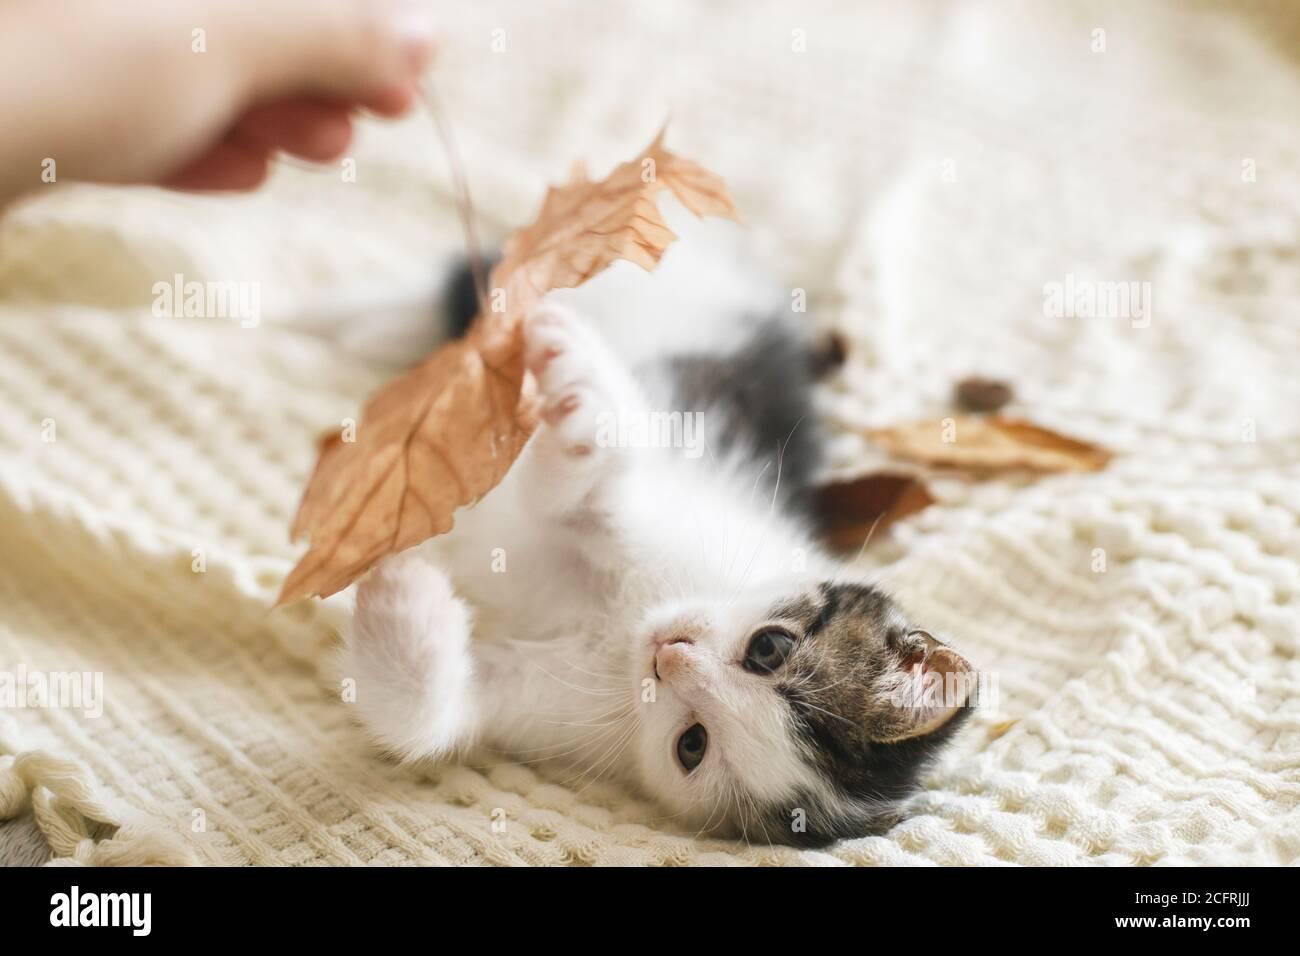 Liebenswert Kätzchen spielen mit Herbstblättern auf weiche Decke. Hand halten Fall Blatt und spielen mit niedlichen weißen und grauen Kitty auf dem Bett im Zimmer. Herbst c Stockfoto